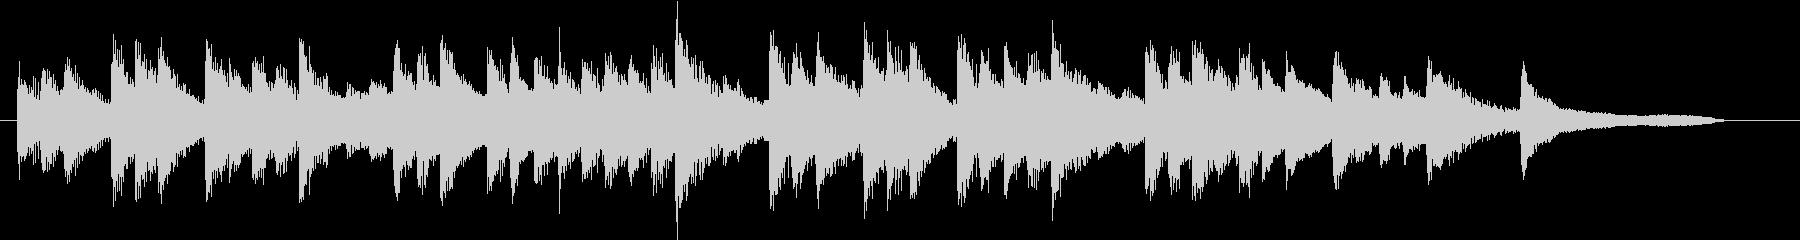 ジングルベルモチーフのピアノジングルBの未再生の波形